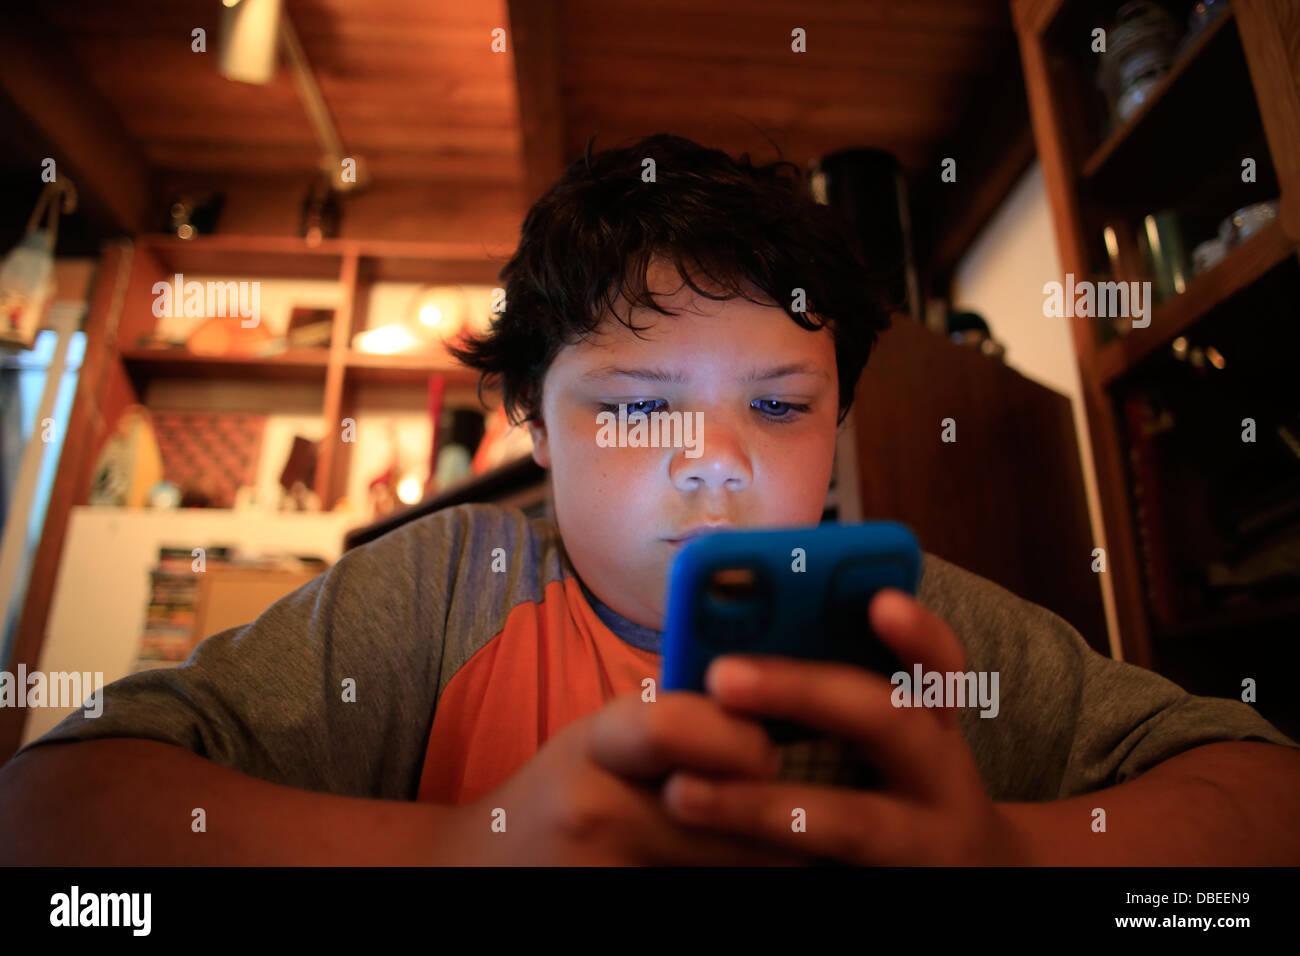 Un garçon de neuf ans à l'aide d'un IPOD Apple iPodTouch ou IPhone iPhone ou IPad portable media player Banque D'Images